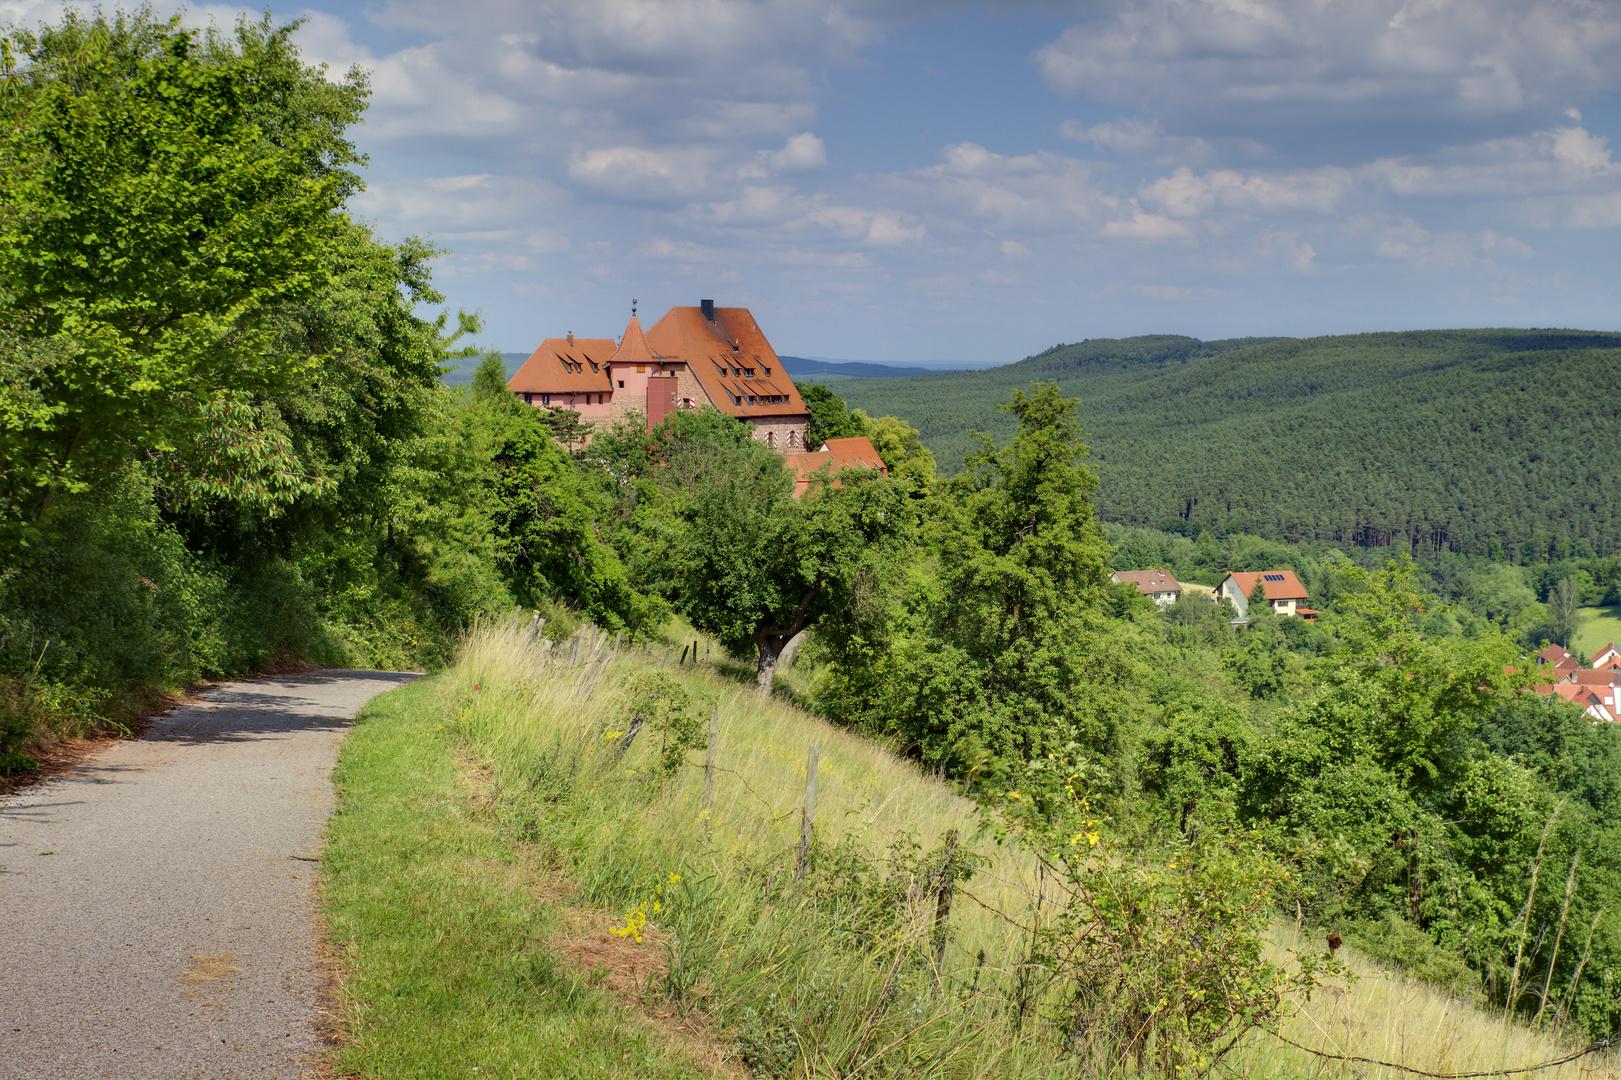 Burg Wernfels Impressionen (11)